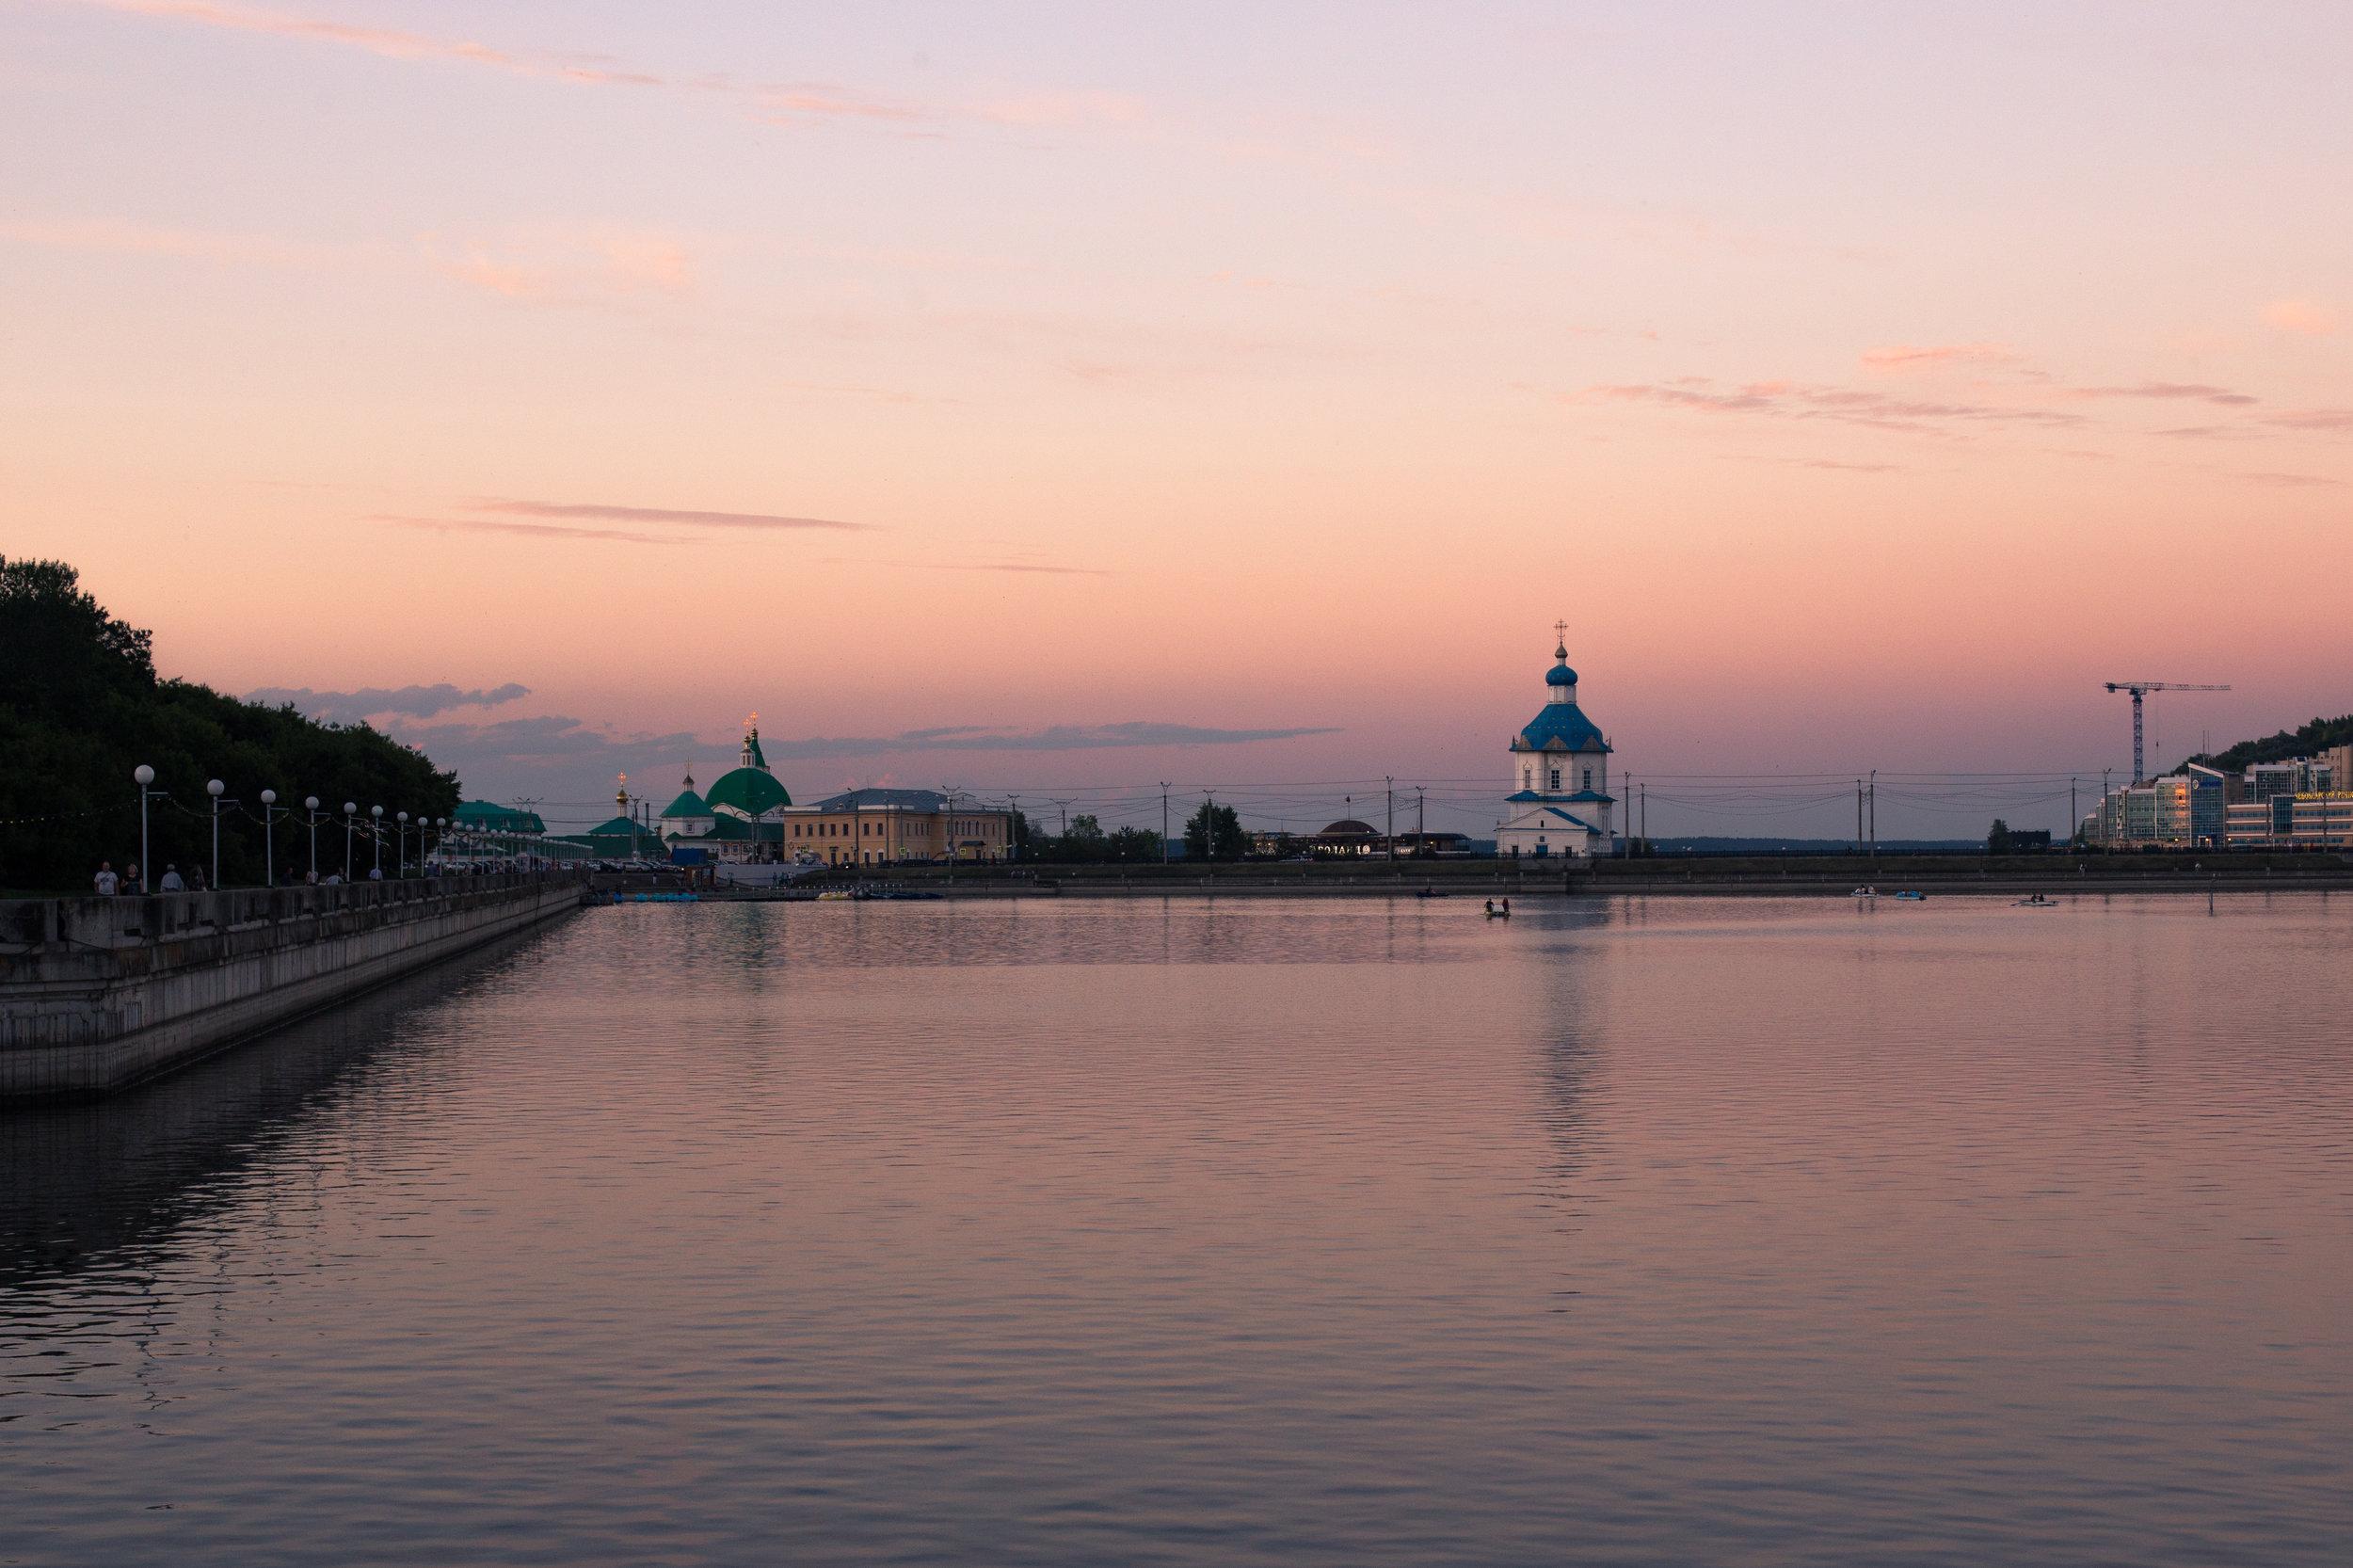 The downtown Bay (Zaliv) of my hometown, Cheboksary.